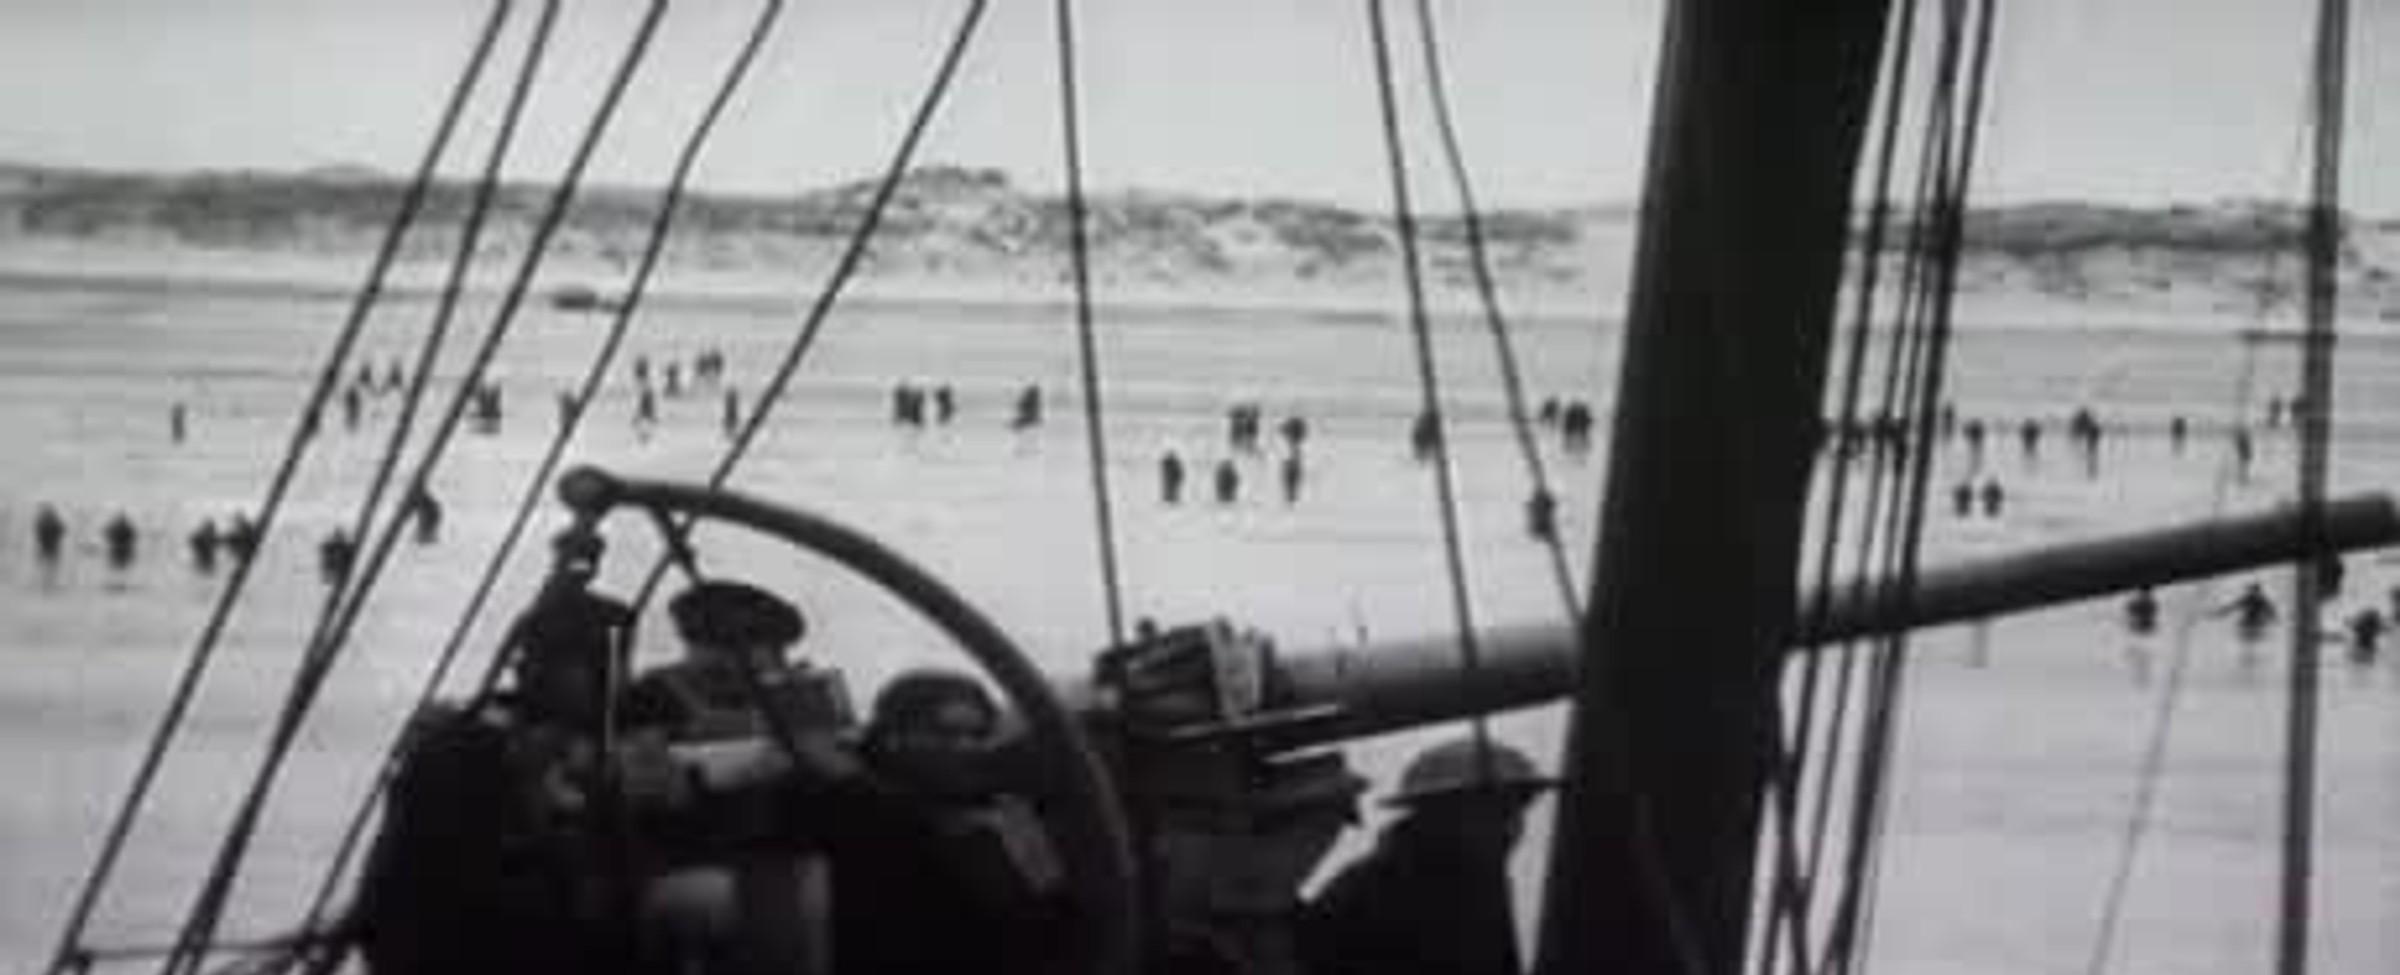 Námořní válka - klíč ke světové nadvládě